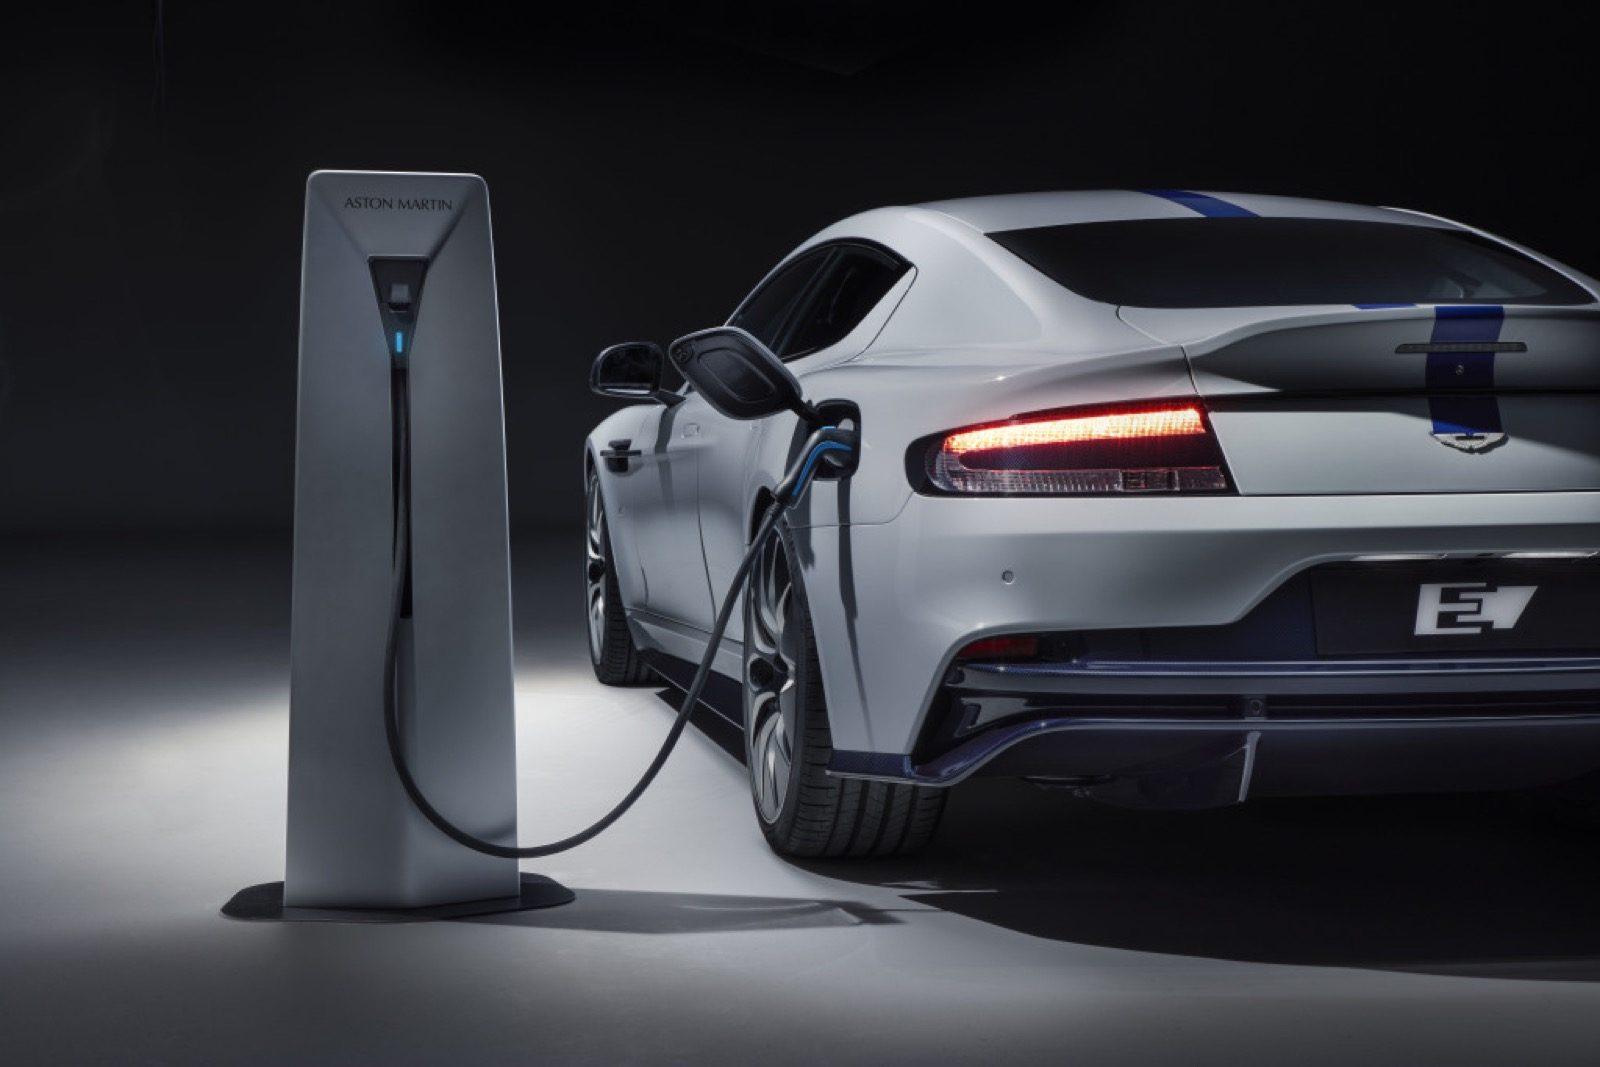 Toekomst voor Aston Martin